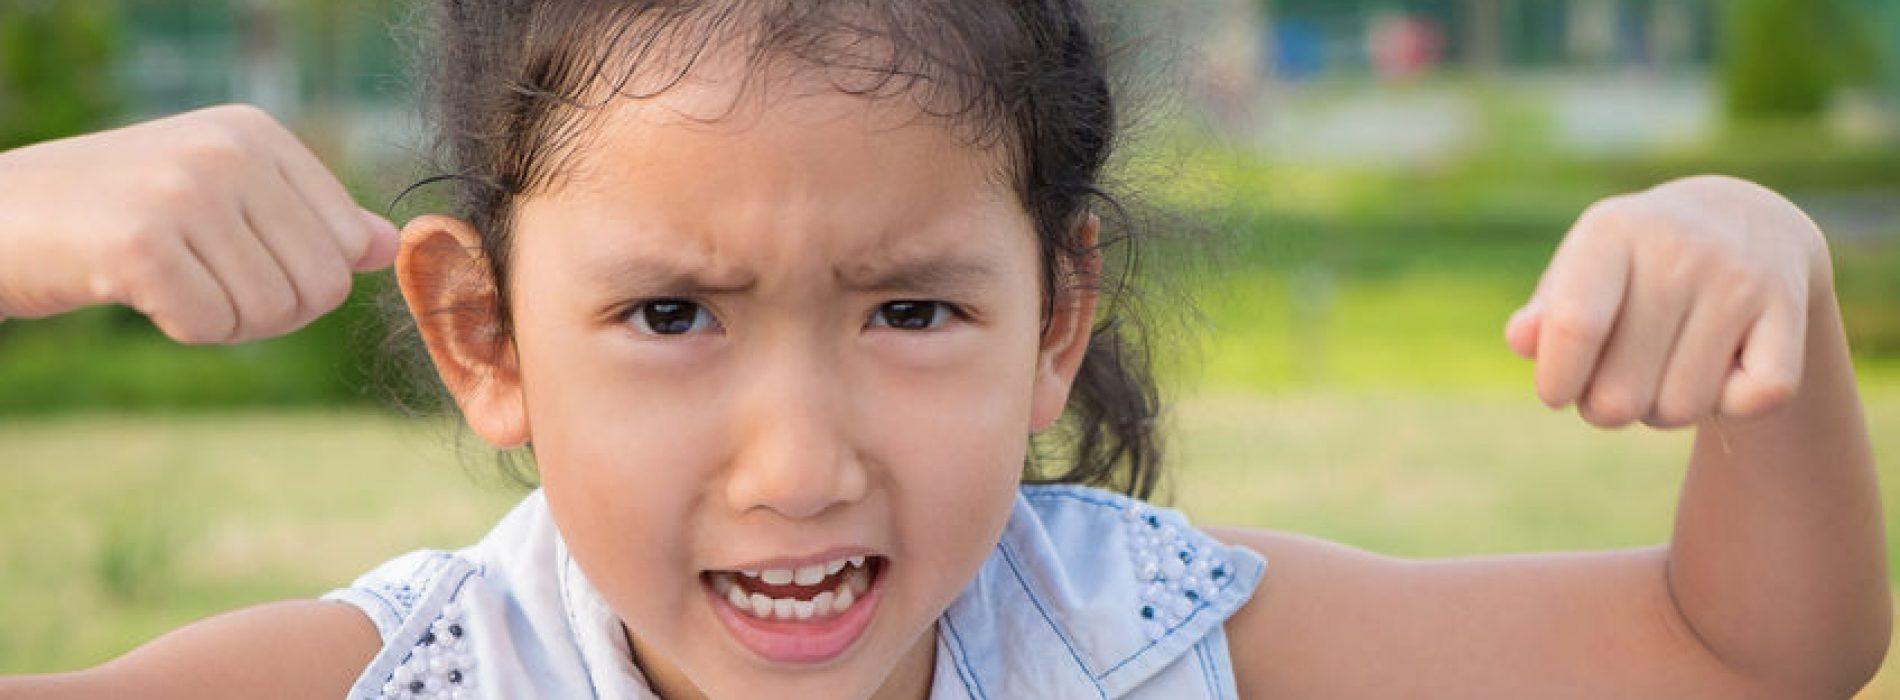 Brzydkie słowa u dzieci. Jak sobie radzić?